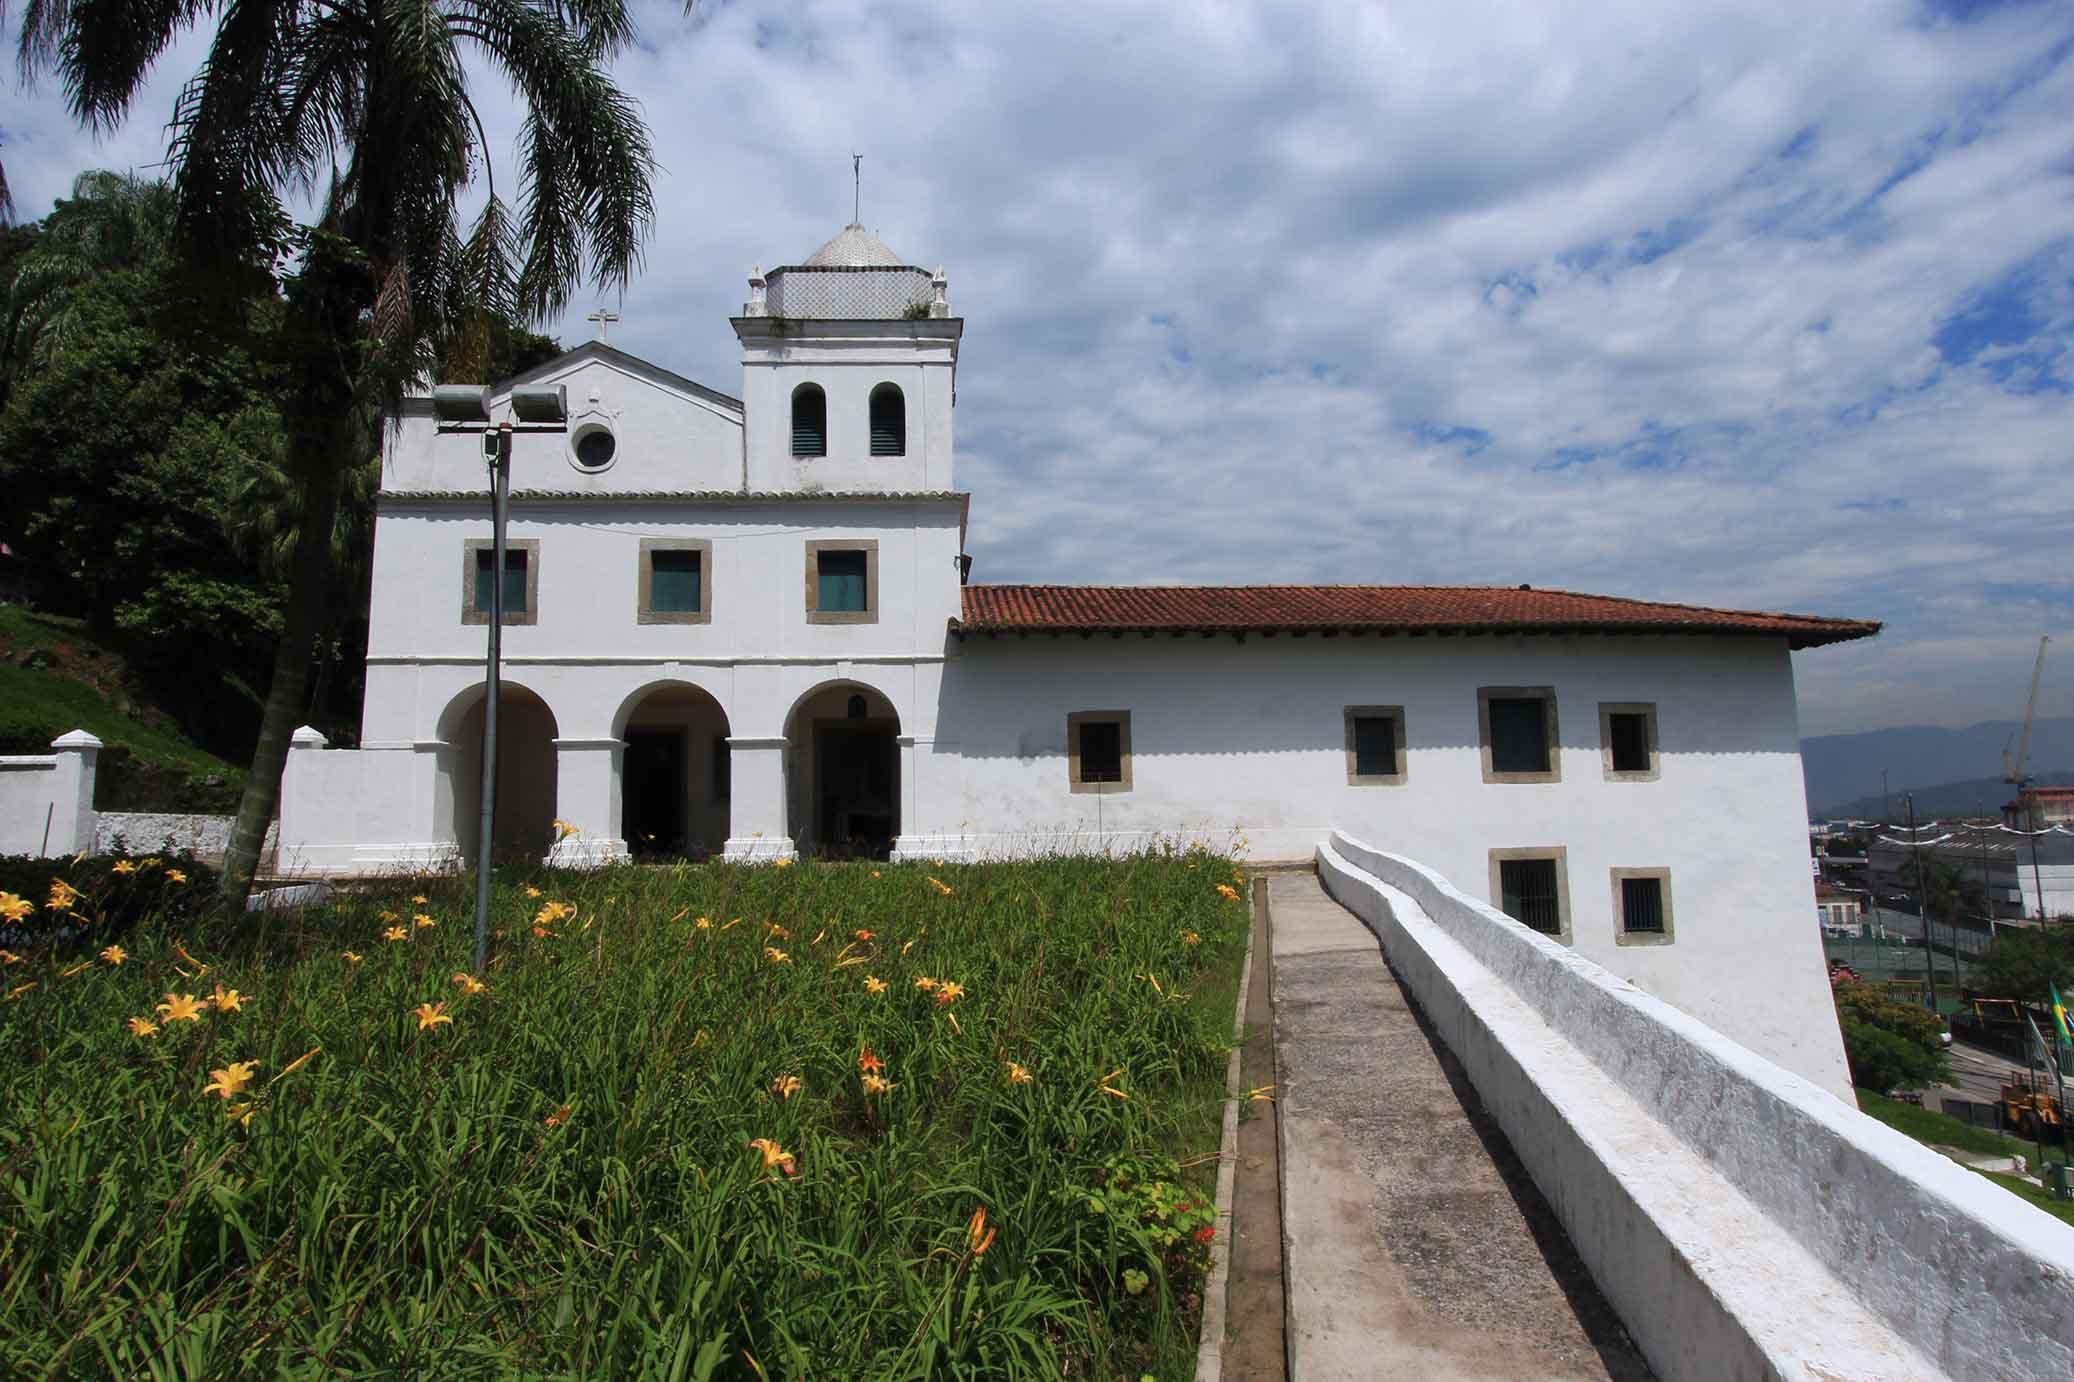 Museu de Arte Sacra de Santos - Museu-arte-sacra-X-bx